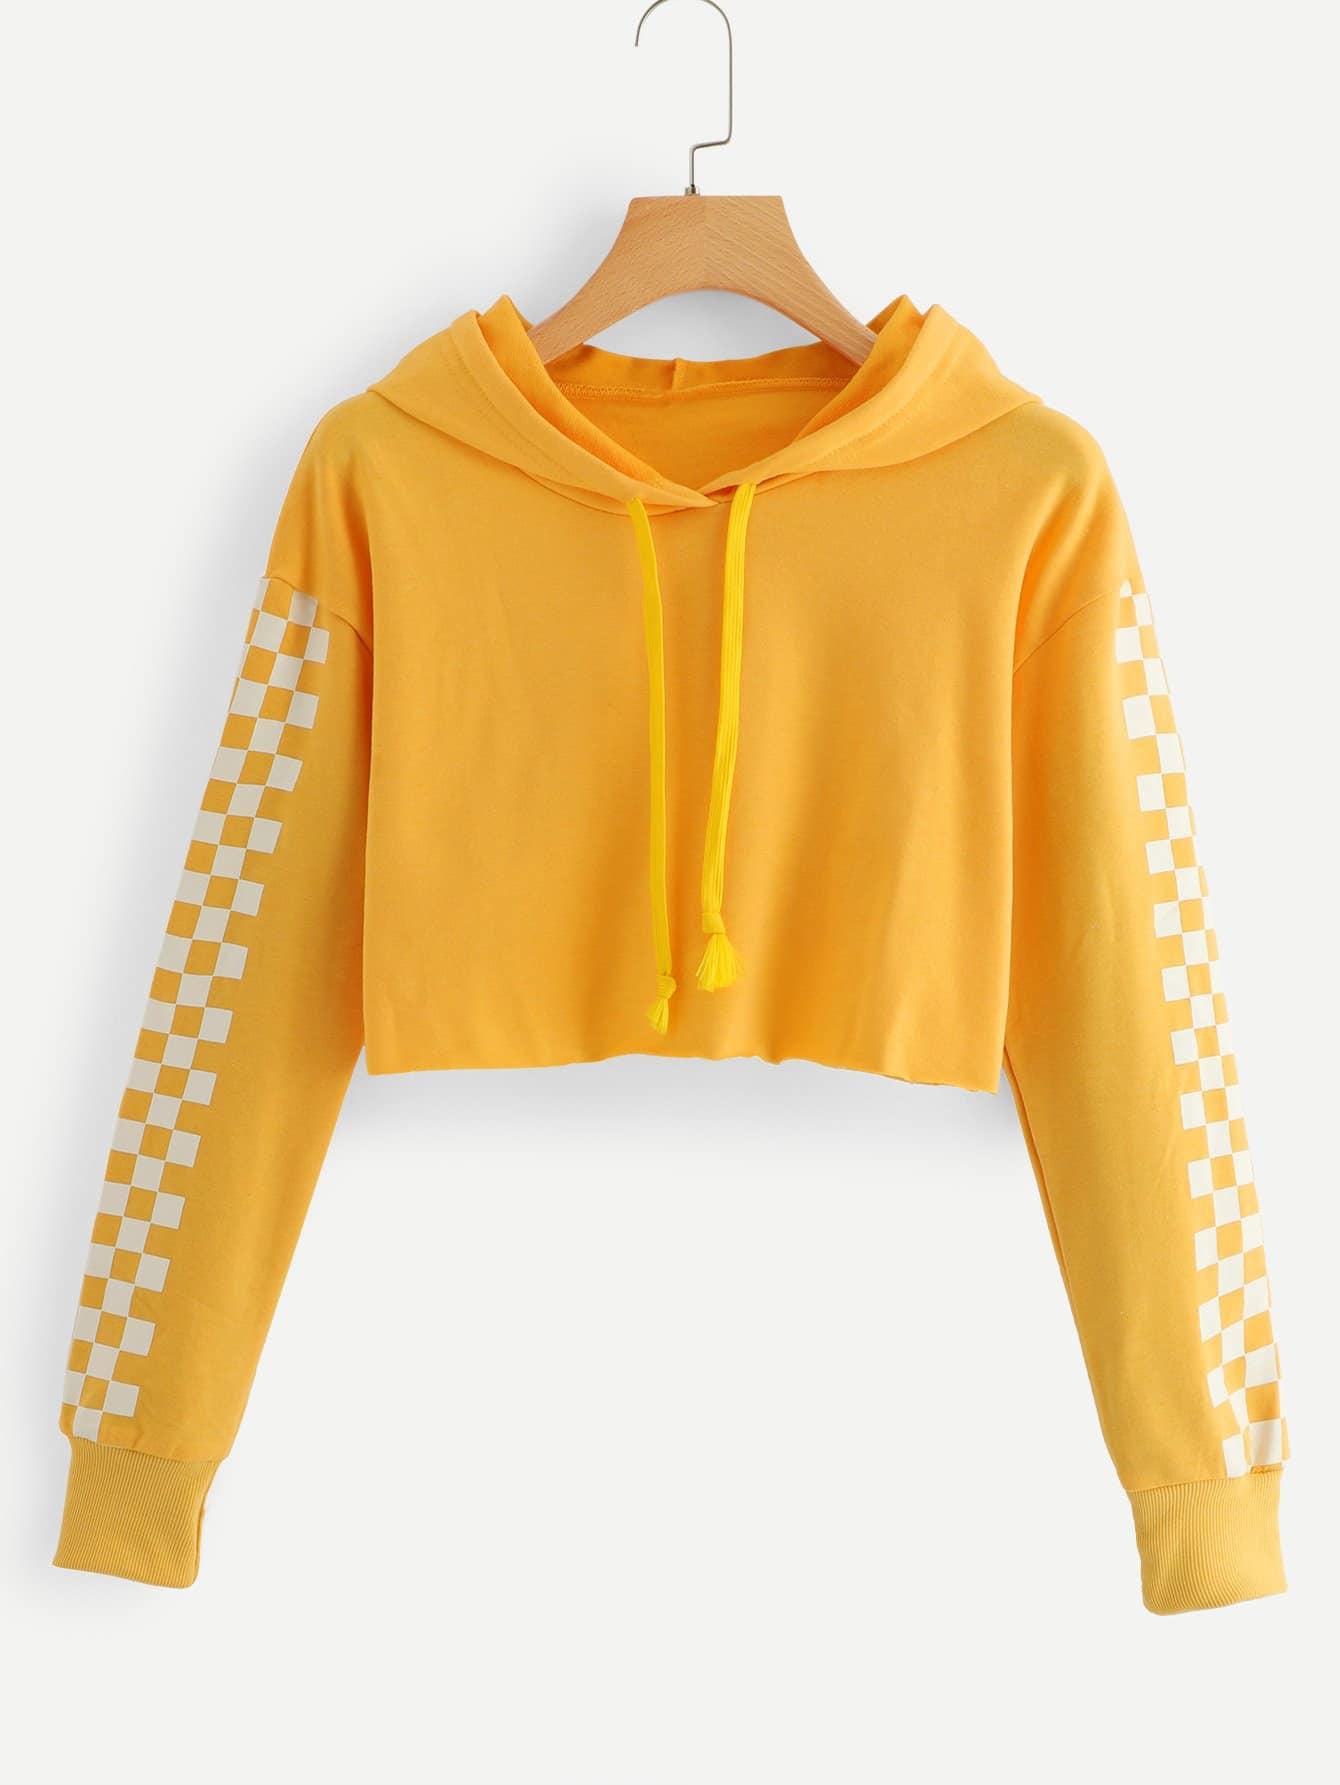 Купить Повседневный Клетка на кулиске Пуловеры Желтый Свитшоты, null, SheIn